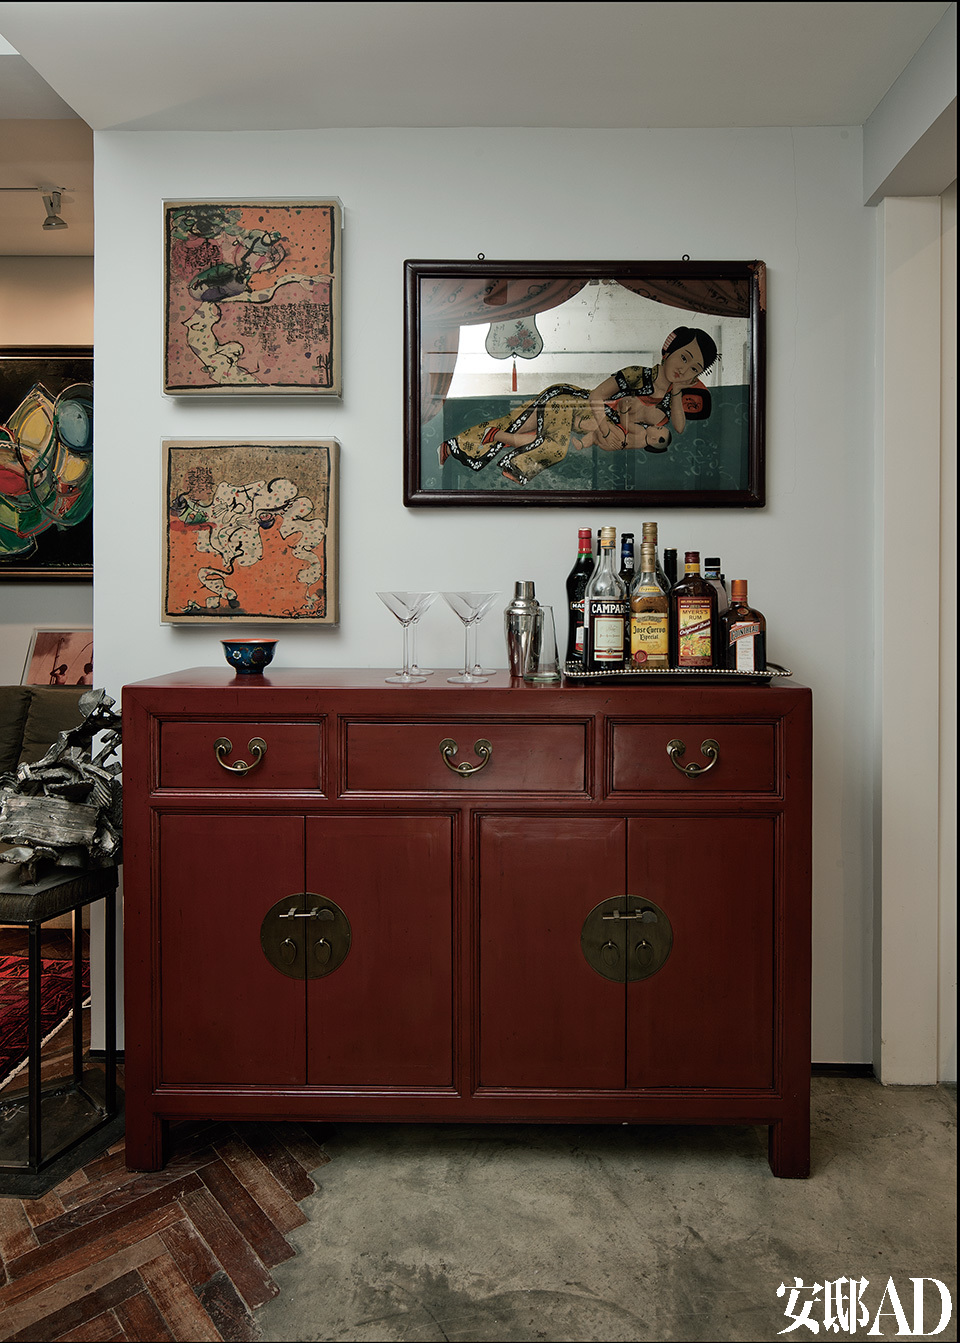 客厅通向餐厅的过道,在这里传统中式家具和中西艺术品搭配得恰到好处,红色漆柜起着餐柜的作用。